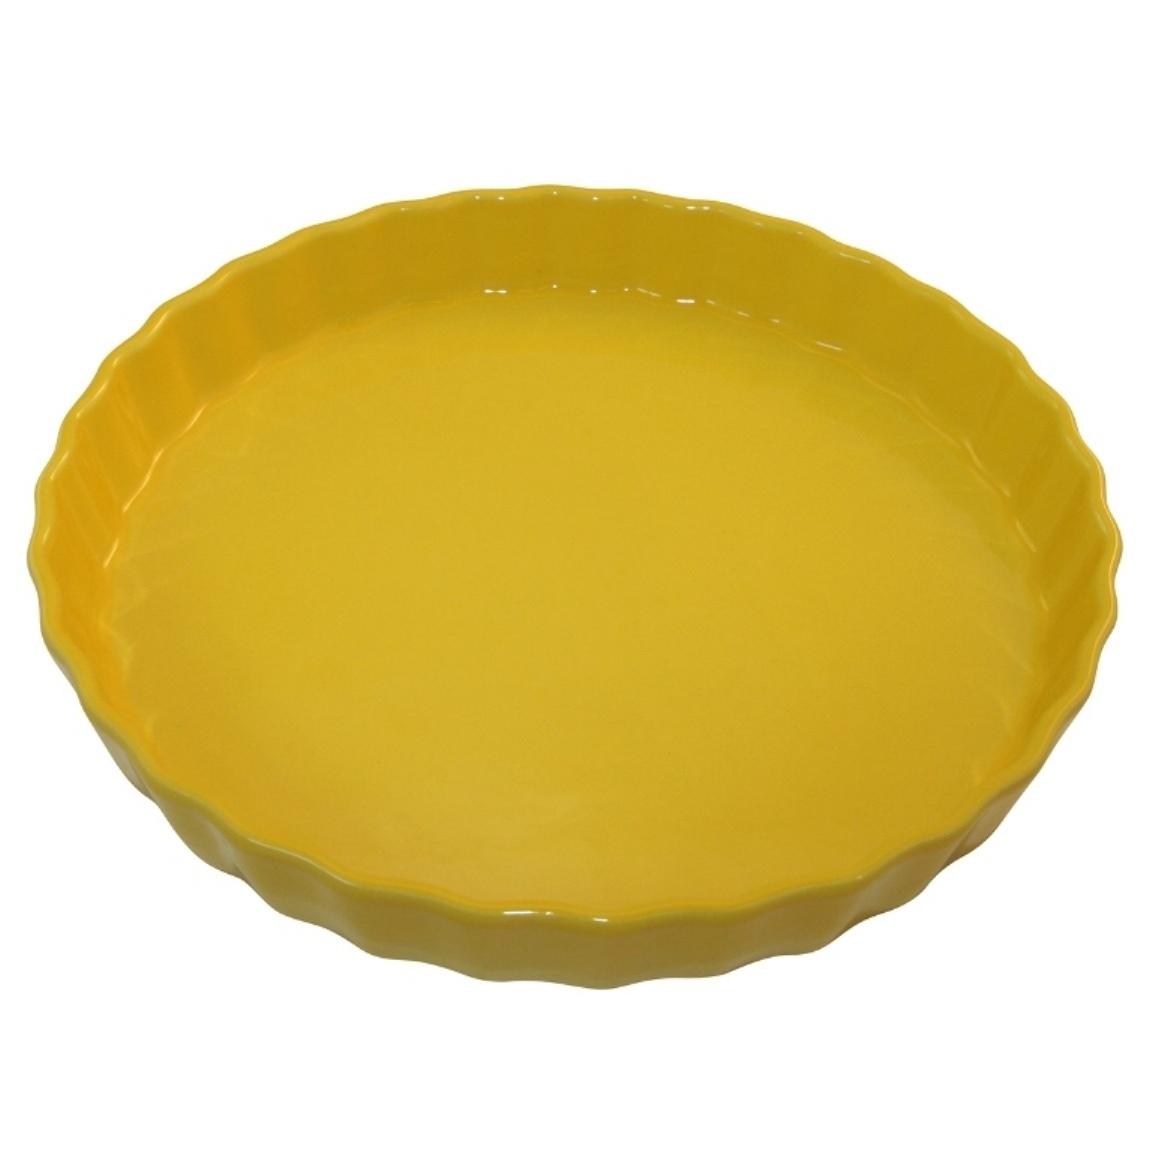 Форма для пирога 30 см Appolia Delices GRAPEFRUIT 10530077Формы для запекания (выпечки)<br>Форма для пирога 30 см Appolia Delices GRAPEFRUIT 10530077<br><br>Благодаря большому разнообразию изящных форм и широкой цветовой гамме, коллекция DELICES предлагает всевозможные варианты приготовления блюд для себя и гостей. Выбирайте цвета в соответствии с вашими желаниями и вашей кухне. Закругленные углы облегчают чистку. Легко использовать. Большие удобные ручки. Прочная жароустойчивая керамика экологична и изготавливается из высококачественной глины. Прочная глазурь устойчива к растрескиванию и сколам, не содержит свинца и кадмия. Глина обеспечивает медленный и равномерный нагрев, деликатное приготовление с сохранением всех питательных веществ и витаминов, а та же долго сохраняет тепло, что удобно при сервировке горячих блюд.<br>